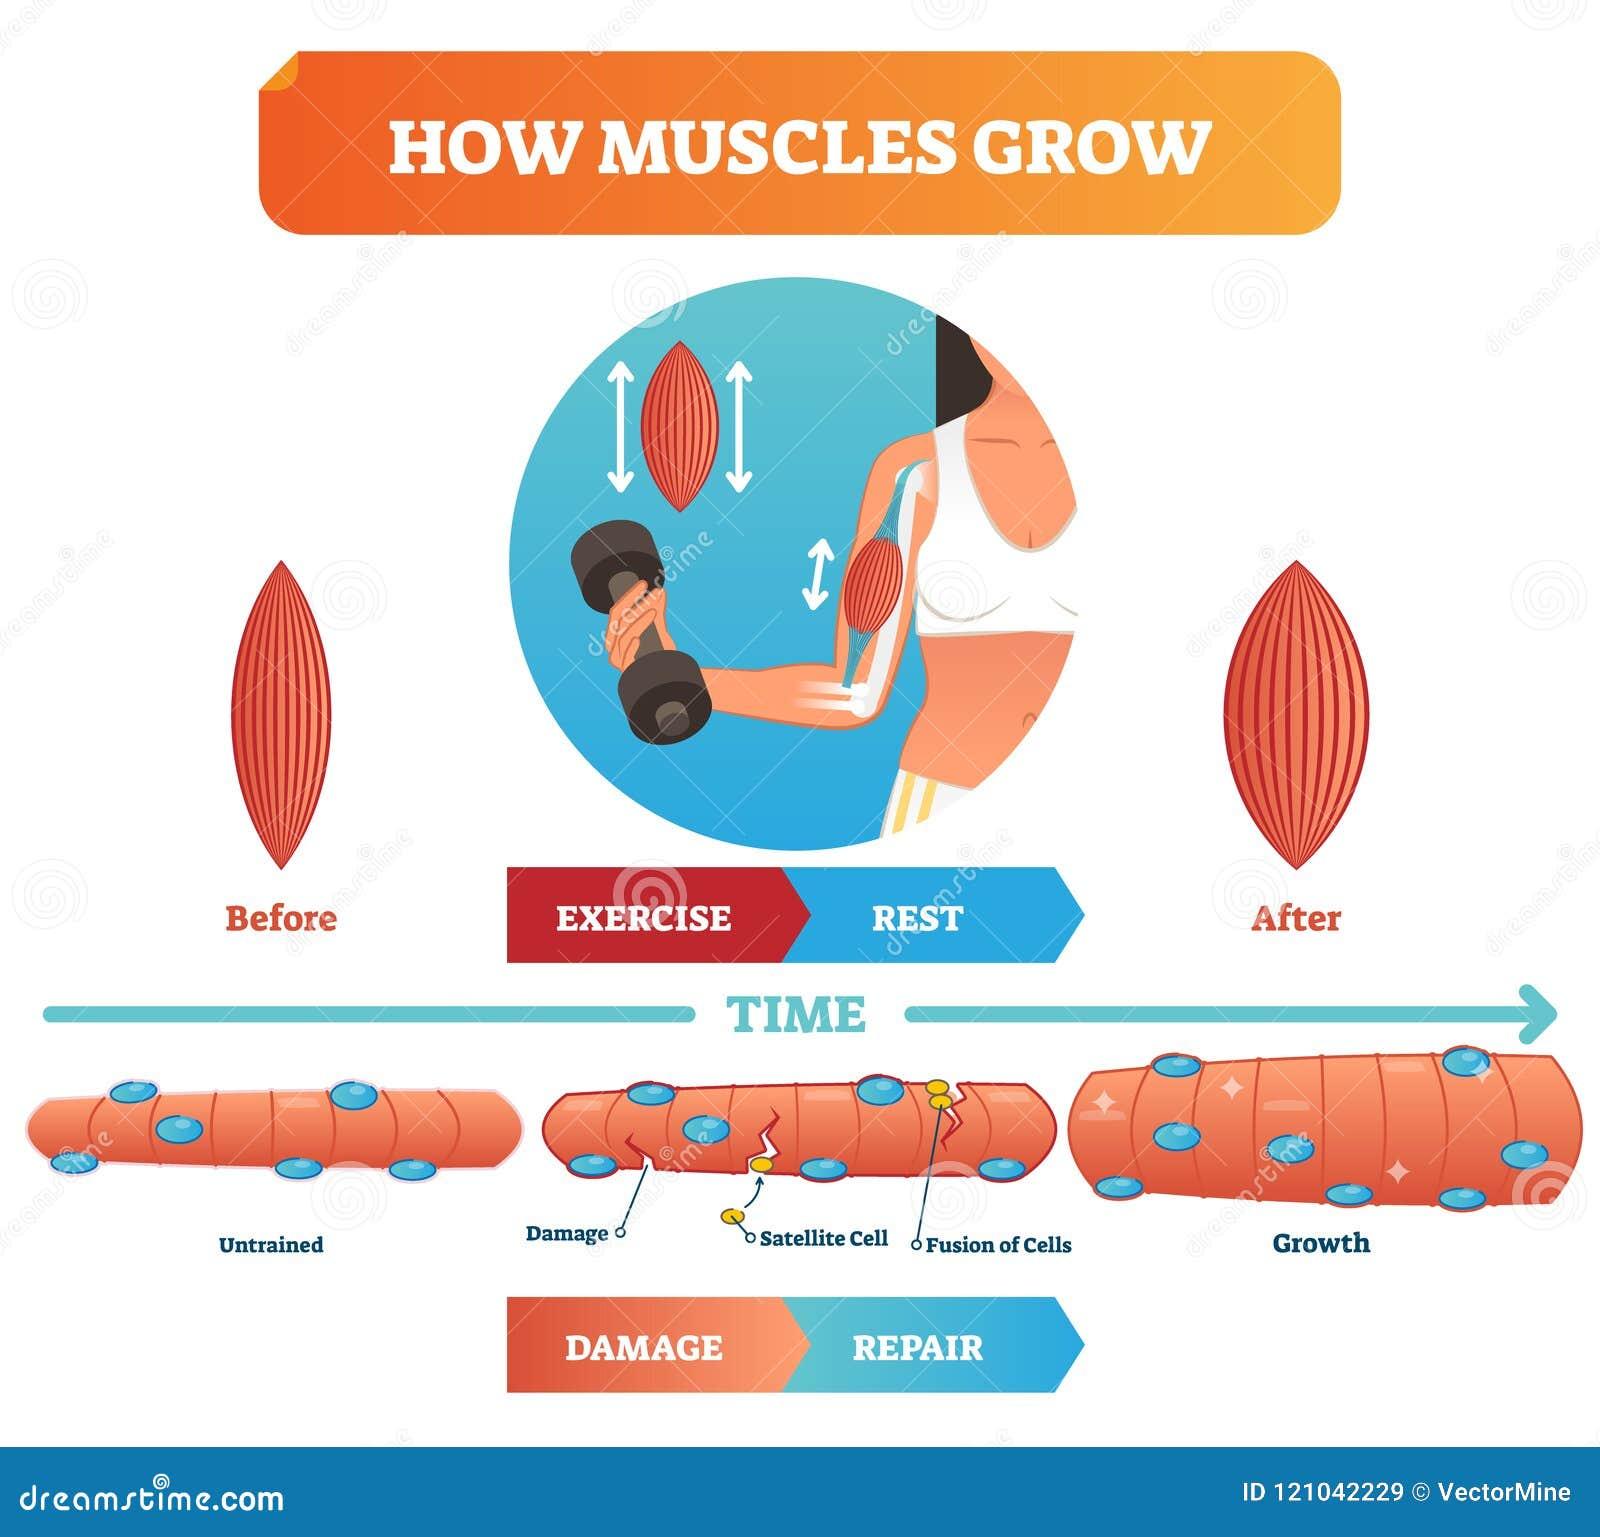 Vektorillustration om hur muskler växer Medicinskt bildande diagram och intrig med den satellit- cellen och fusion av celler